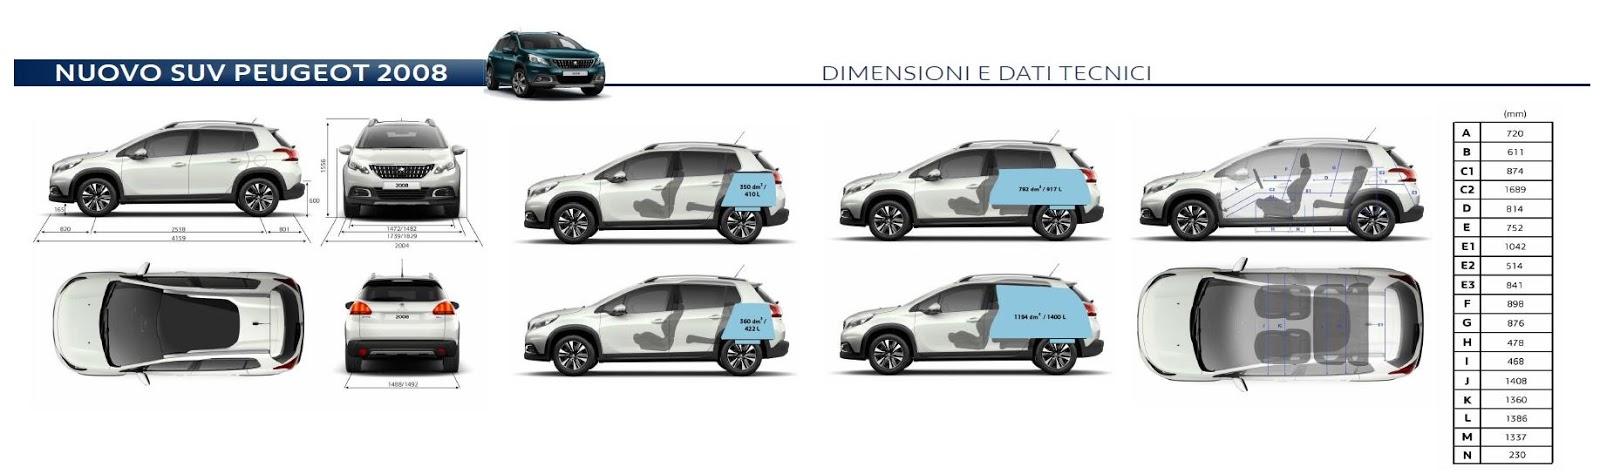 Dimensioni della Peugeot 2008 SUV 2016-2017: dimensione bagagliaio, capacità e misure